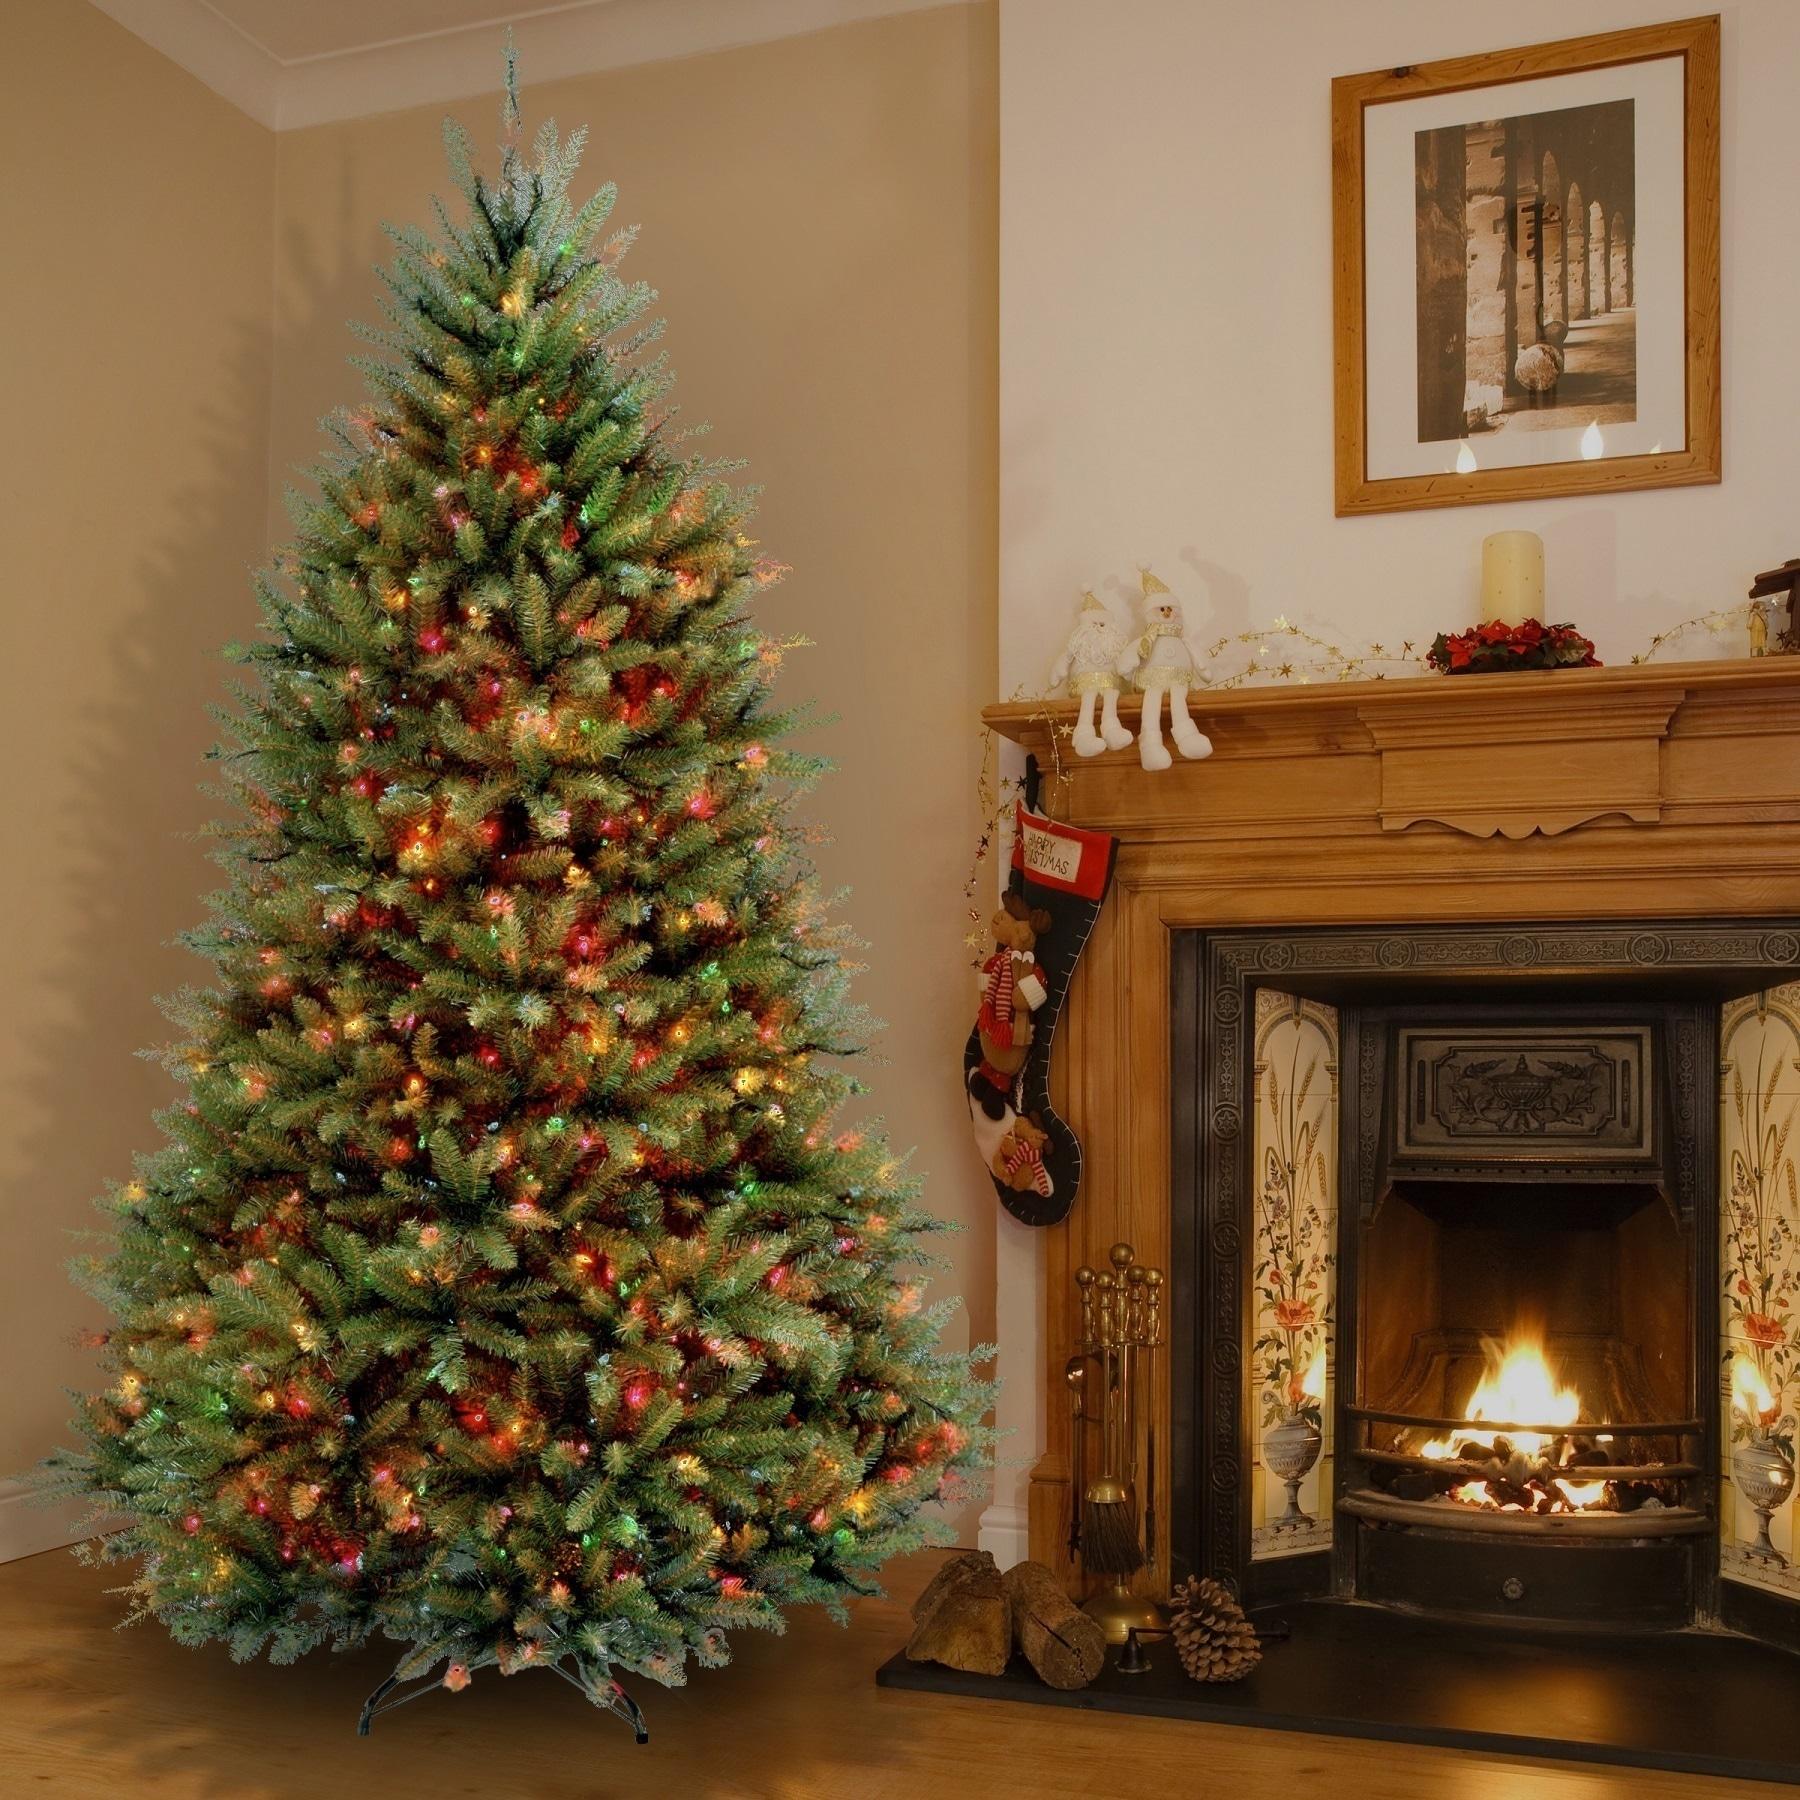 dunhill fir pre lit christmas tree fir artificial shop 65foot dunhill fir prelit or unlit artificial hinged christmas tree free shipping today overstockcom 9413337